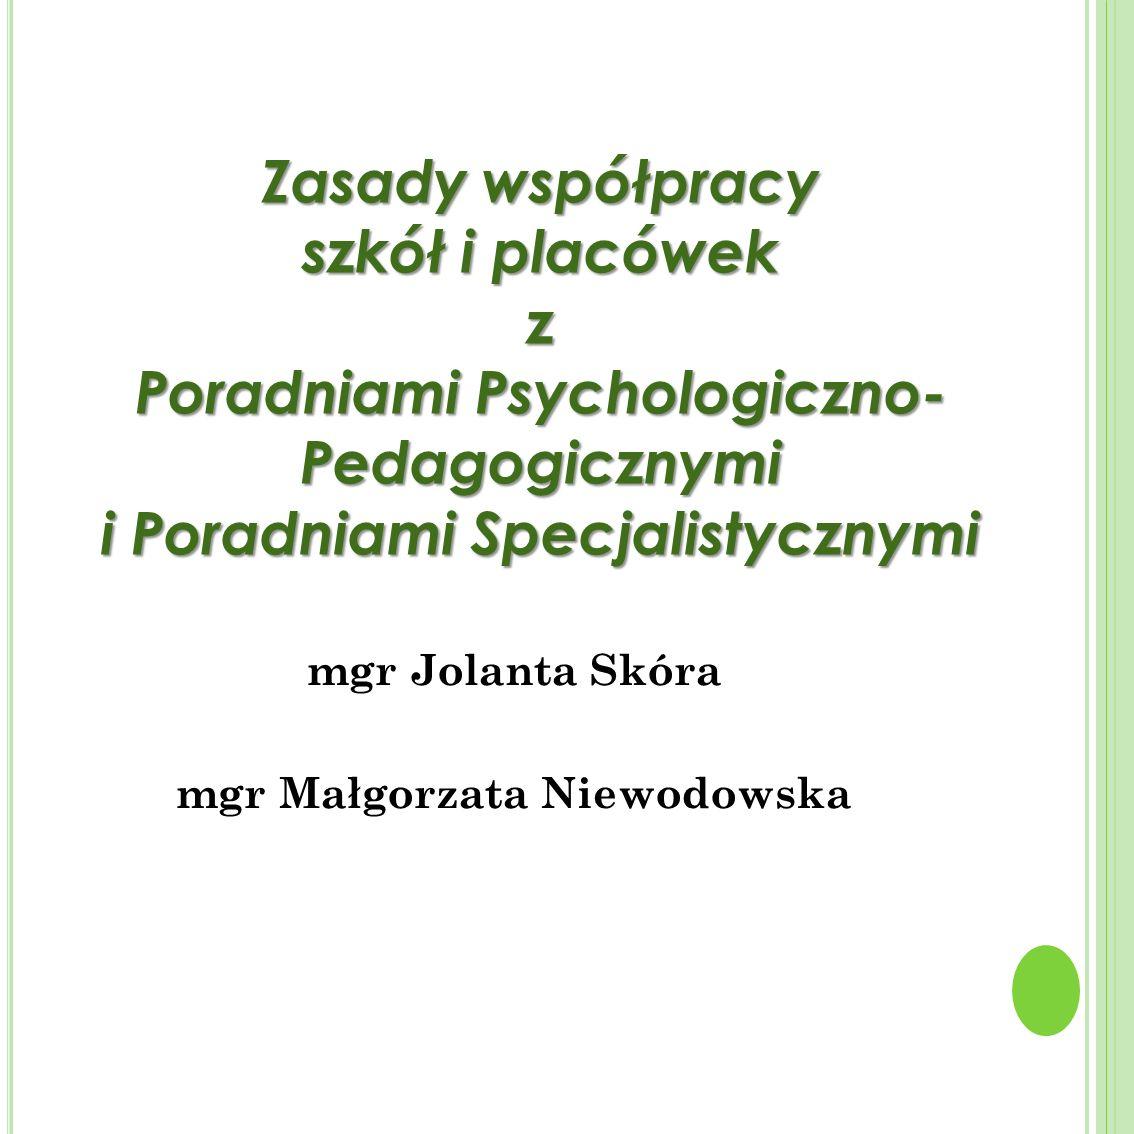 mgr Jolanta Skóra mgr Małgorzata Niewodowska Zasady współpracy szkół i placówek z Poradniami Psychologiczno- Pedagogicznymi i Poradniami Specjalistycz